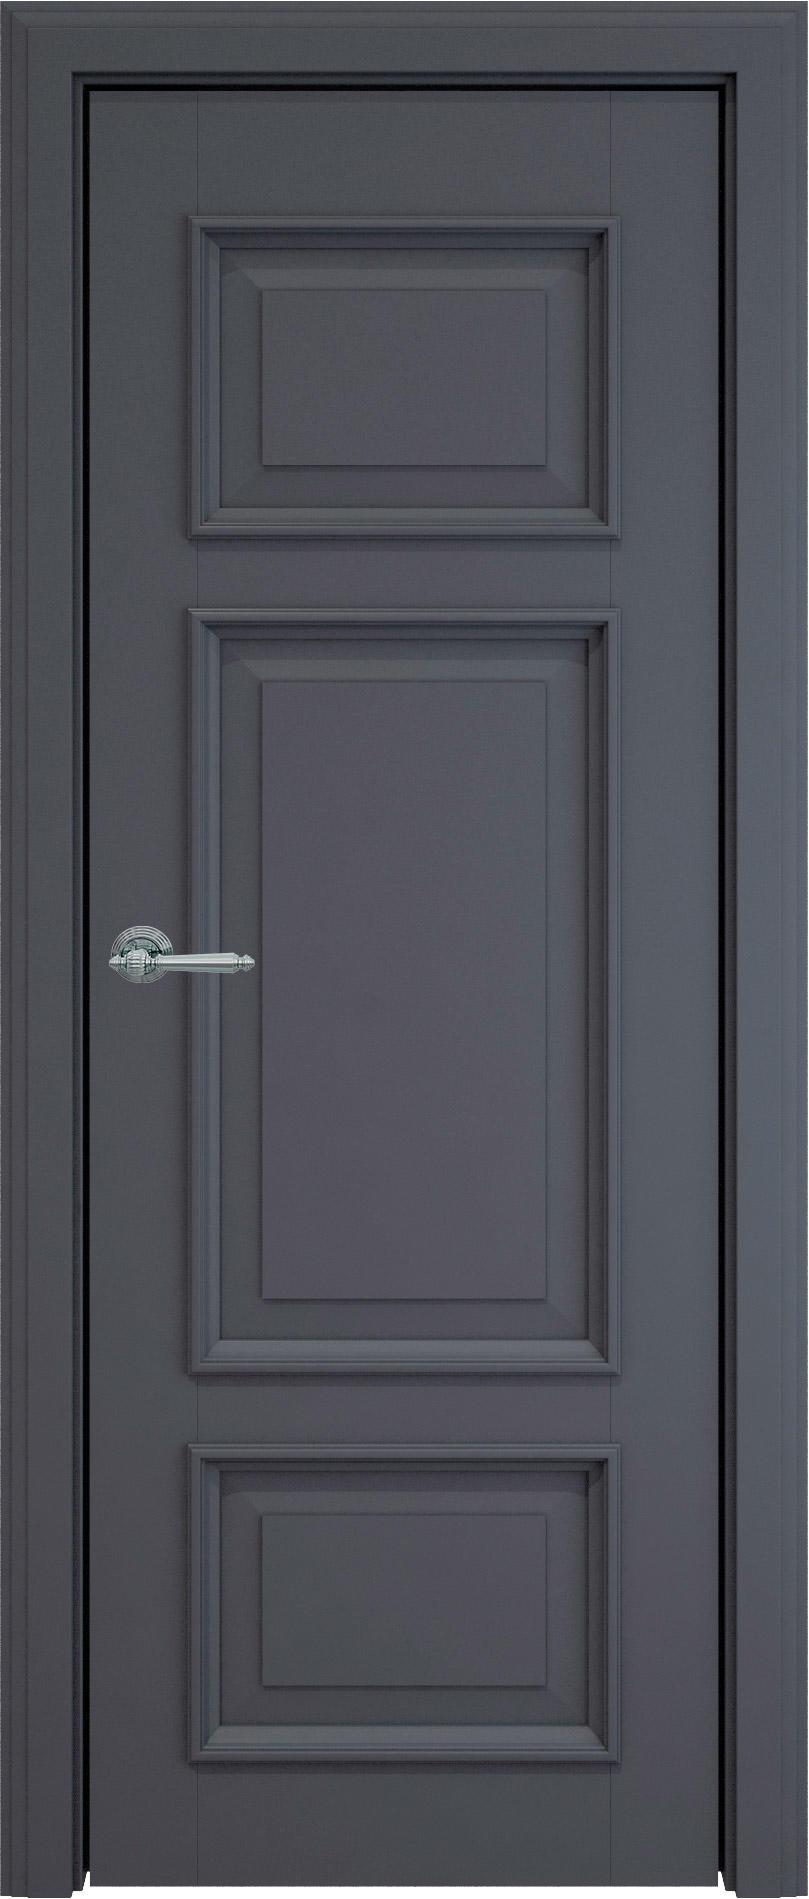 Siena LUX цвет - Графитово-серая эмаль (RAL 7024) Без стекла (ДГ)